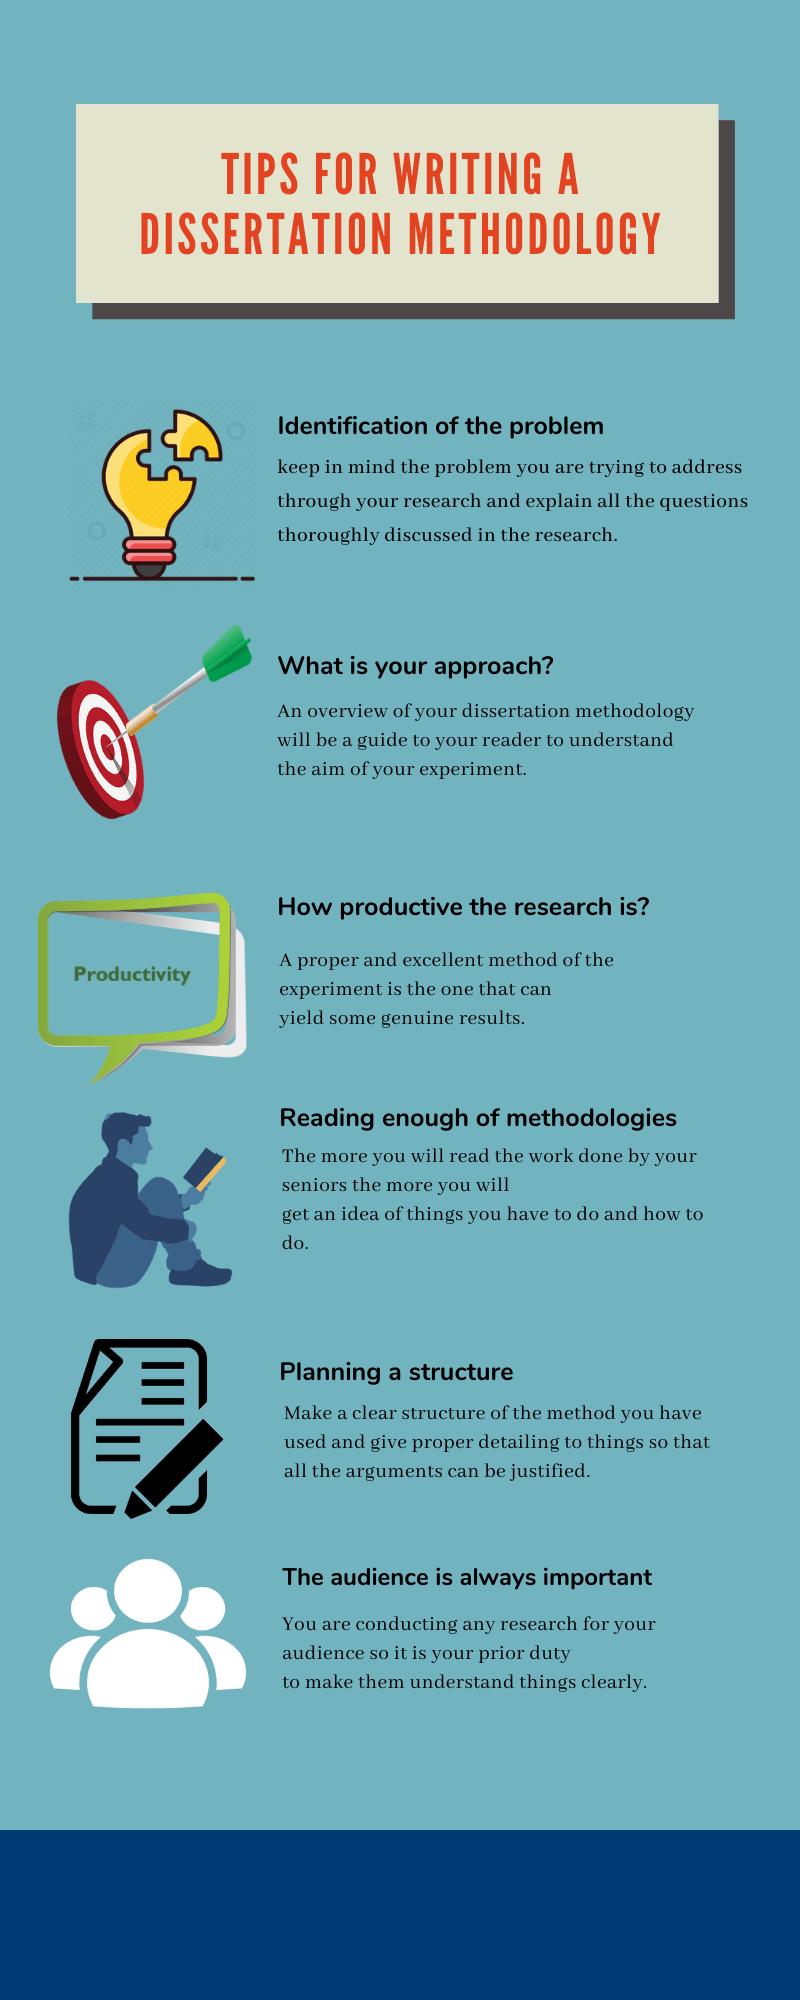 Tips-for-writing-dissertation-methodology